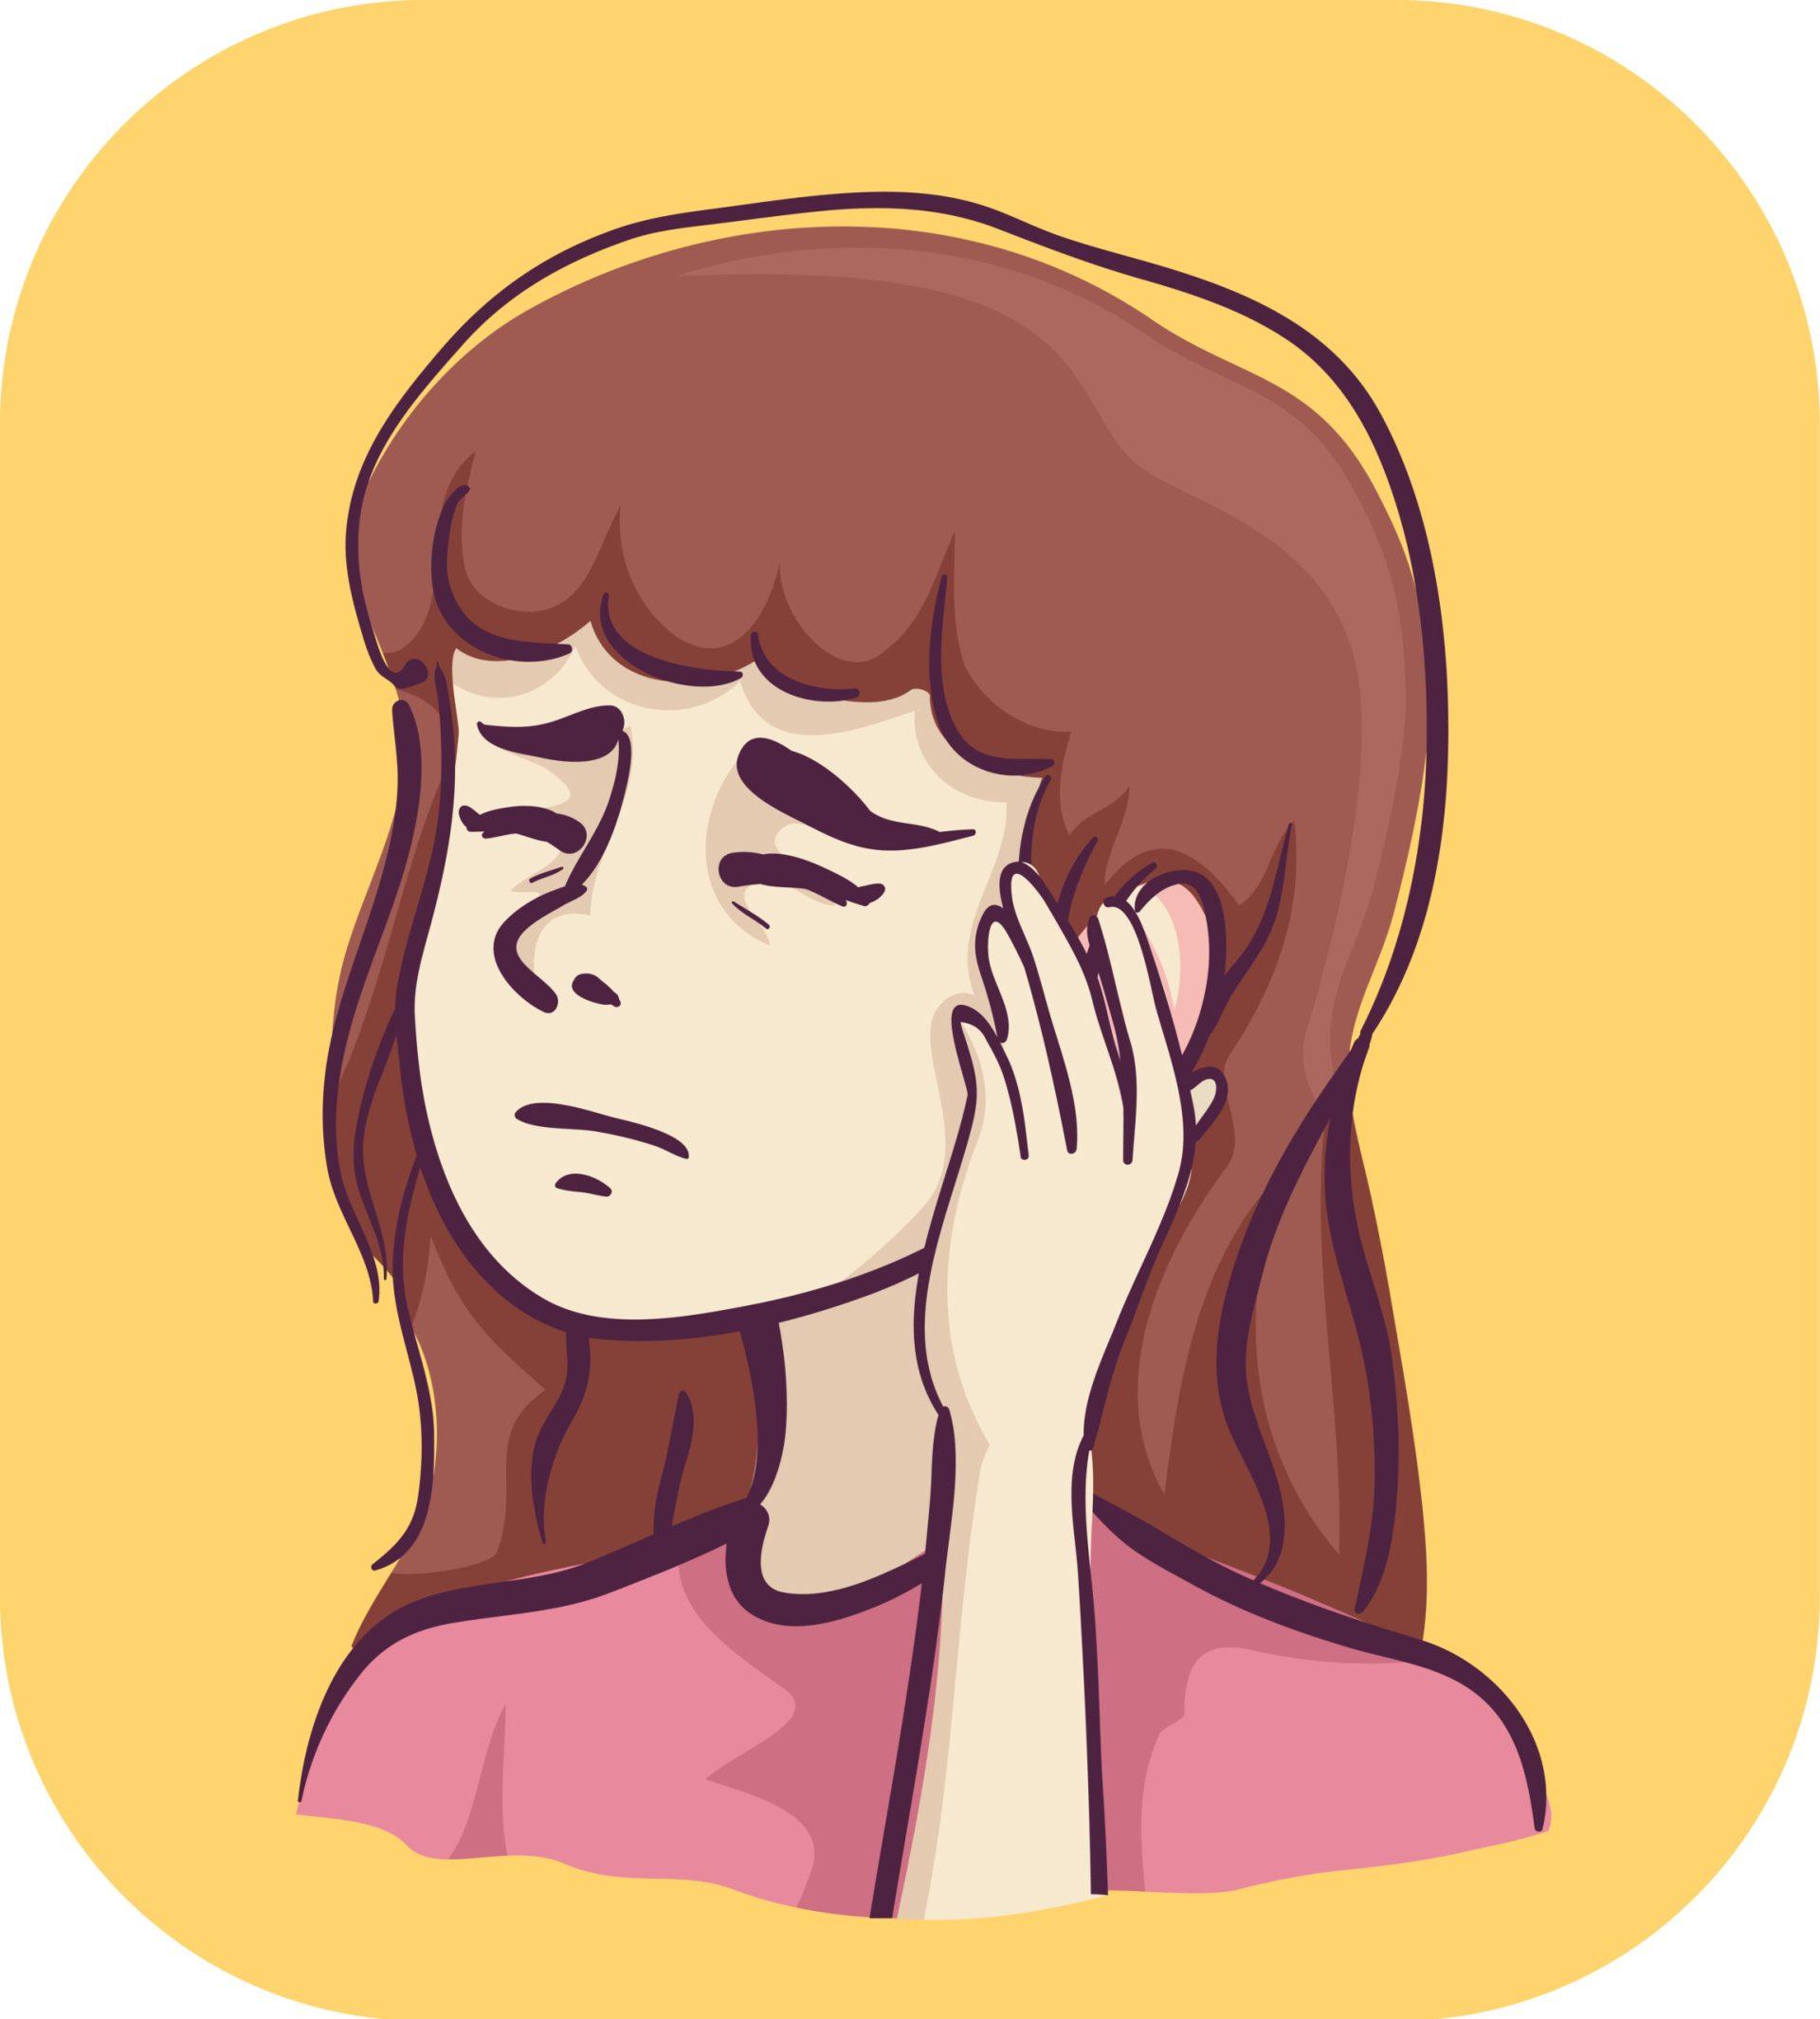 Printre cauzele frecvente ale presiunii în urechi se numără schimbările de altitudine, sinuzita sau acumularea depozitelor de cerumen.